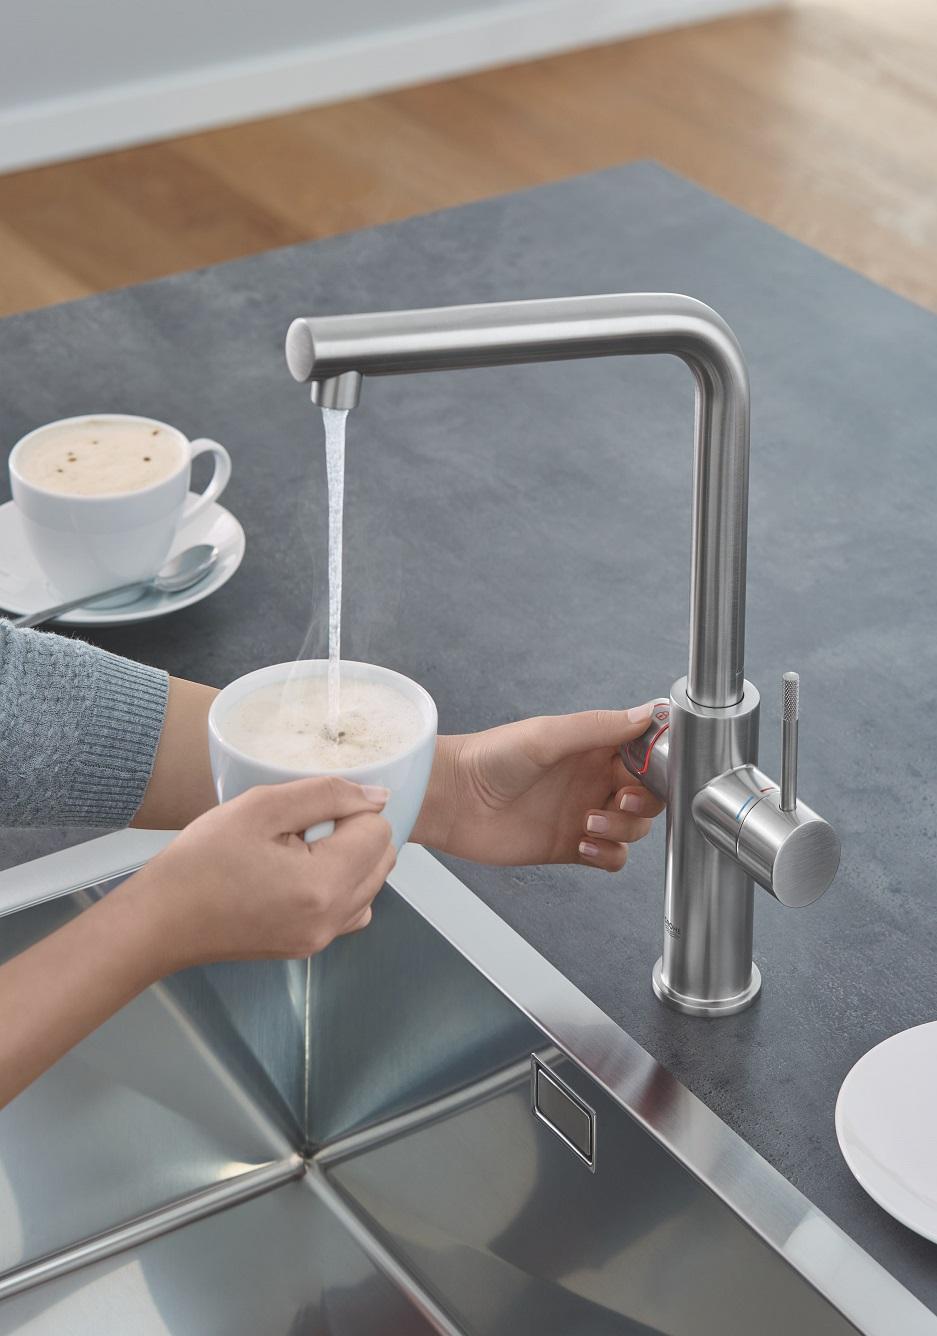 systemy kuchenne z kontrolą temperatury wody